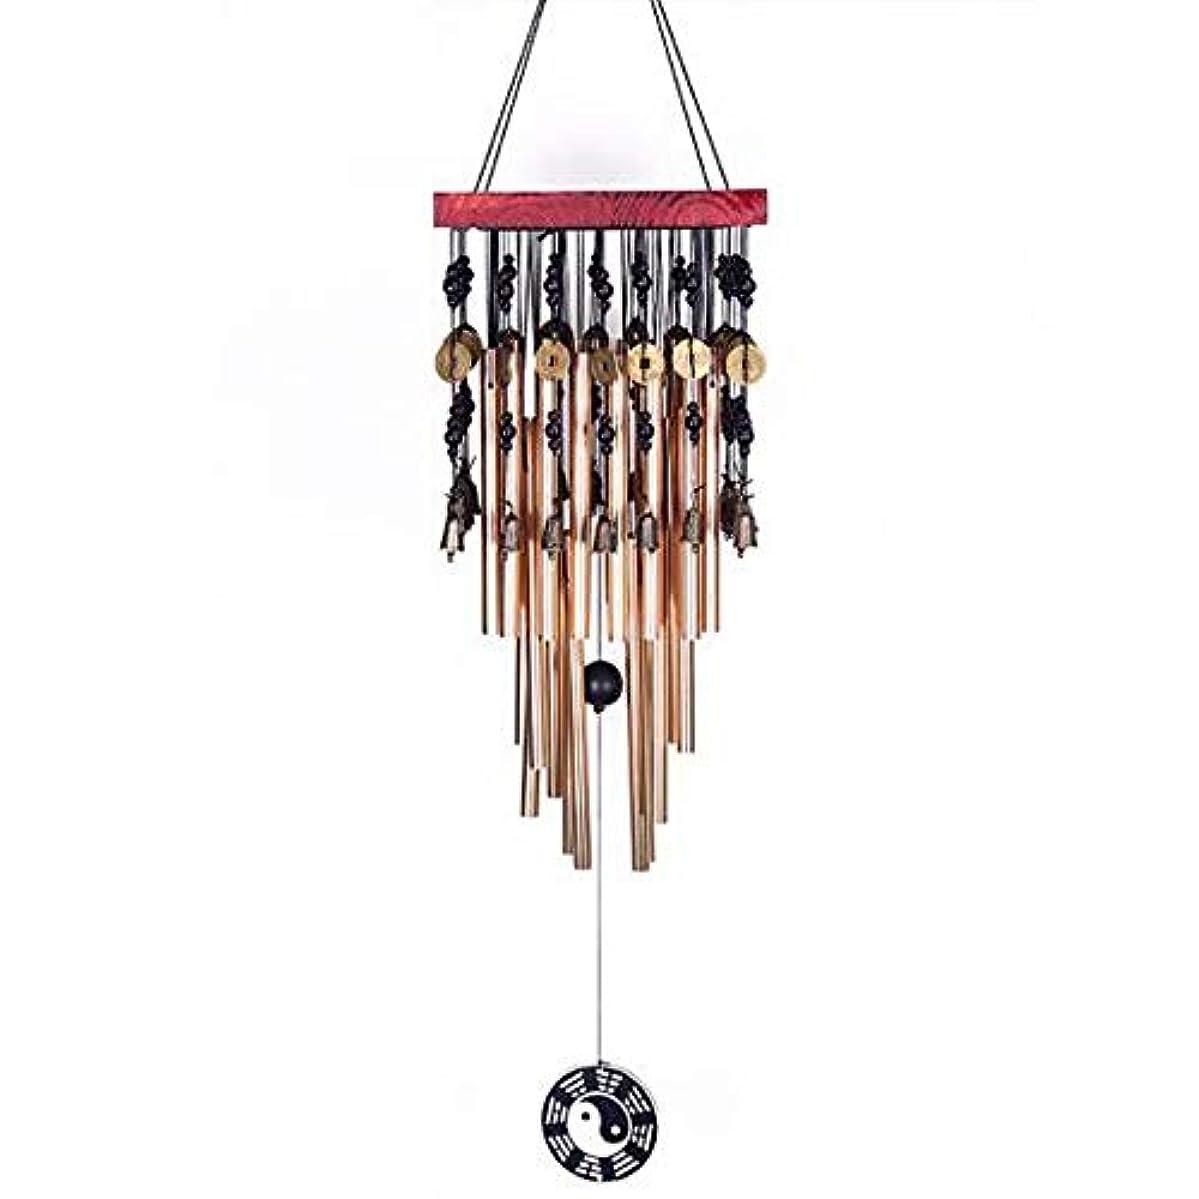 くるみ木材羨望Hongyushanghang 風チャイム、メタルホームペンダント風の鐘、ゴールド、全身について80CM,、ジュエリークリエイティブホリデーギフトを掛ける (Color : B)